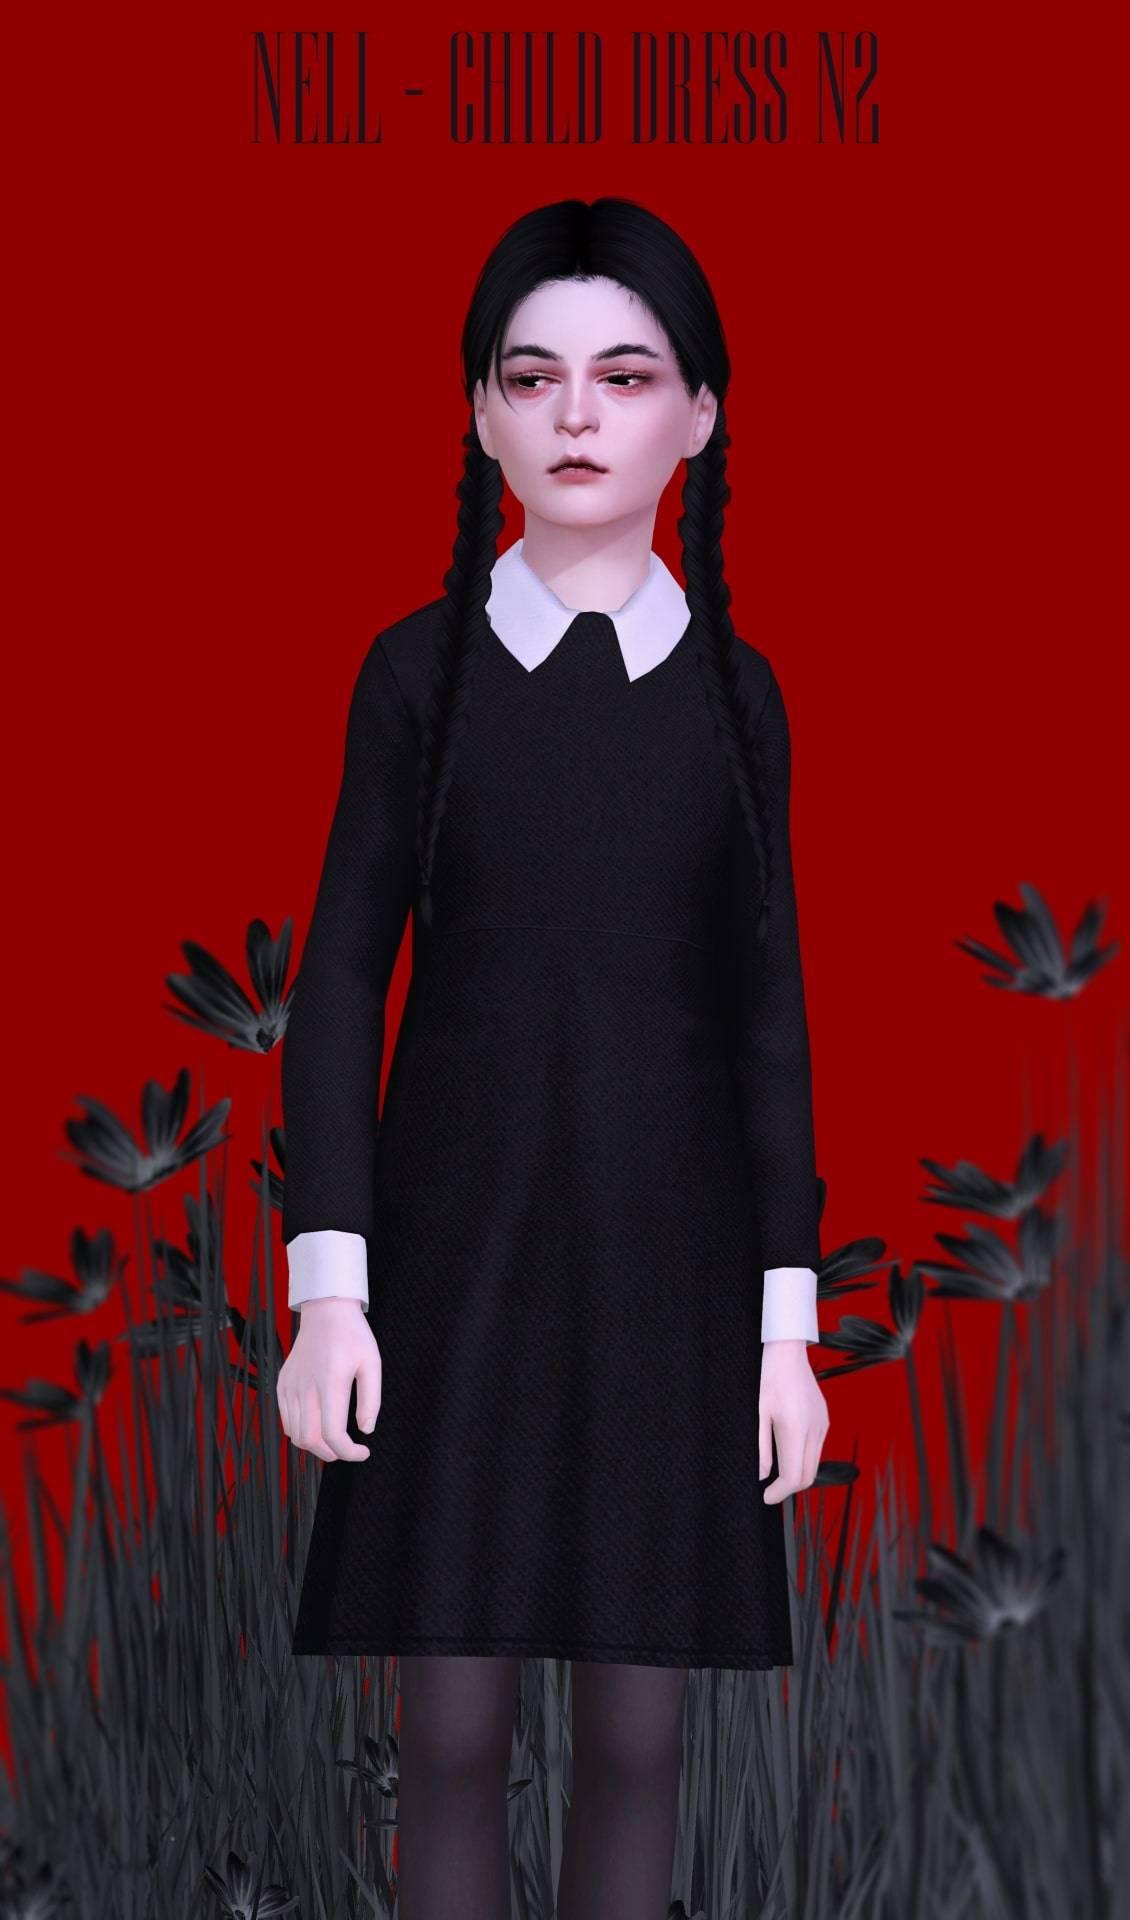 Платье для девочки - Child Dress N2